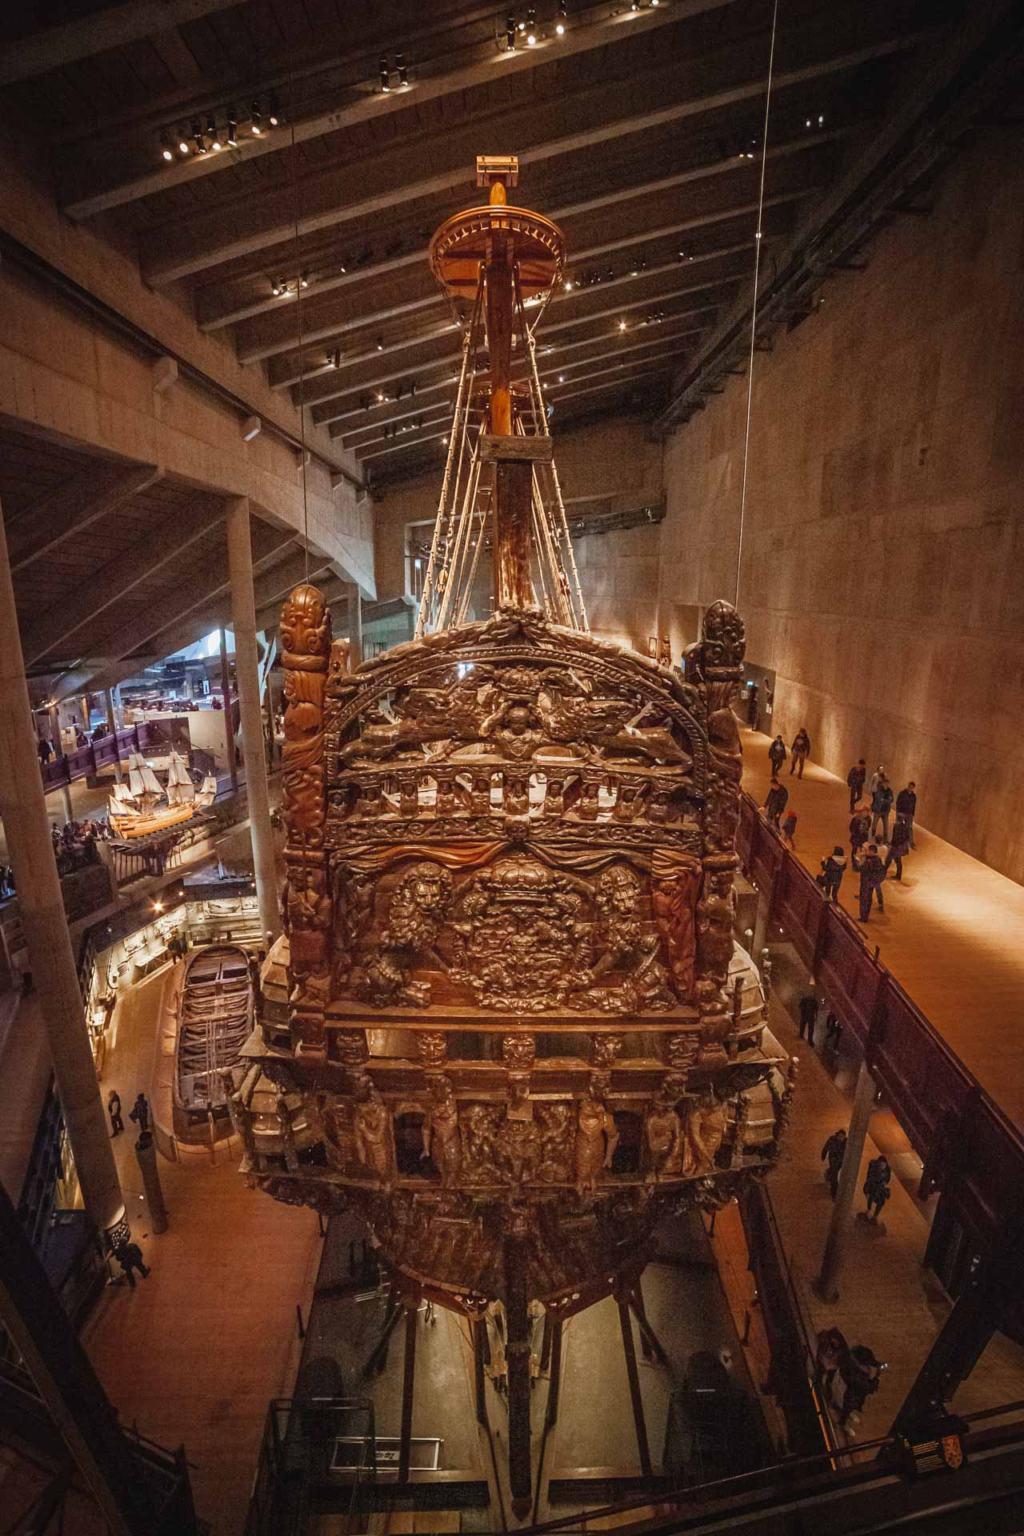 Vasamuseet, Vasa Museum, Djurgården, Stockholm